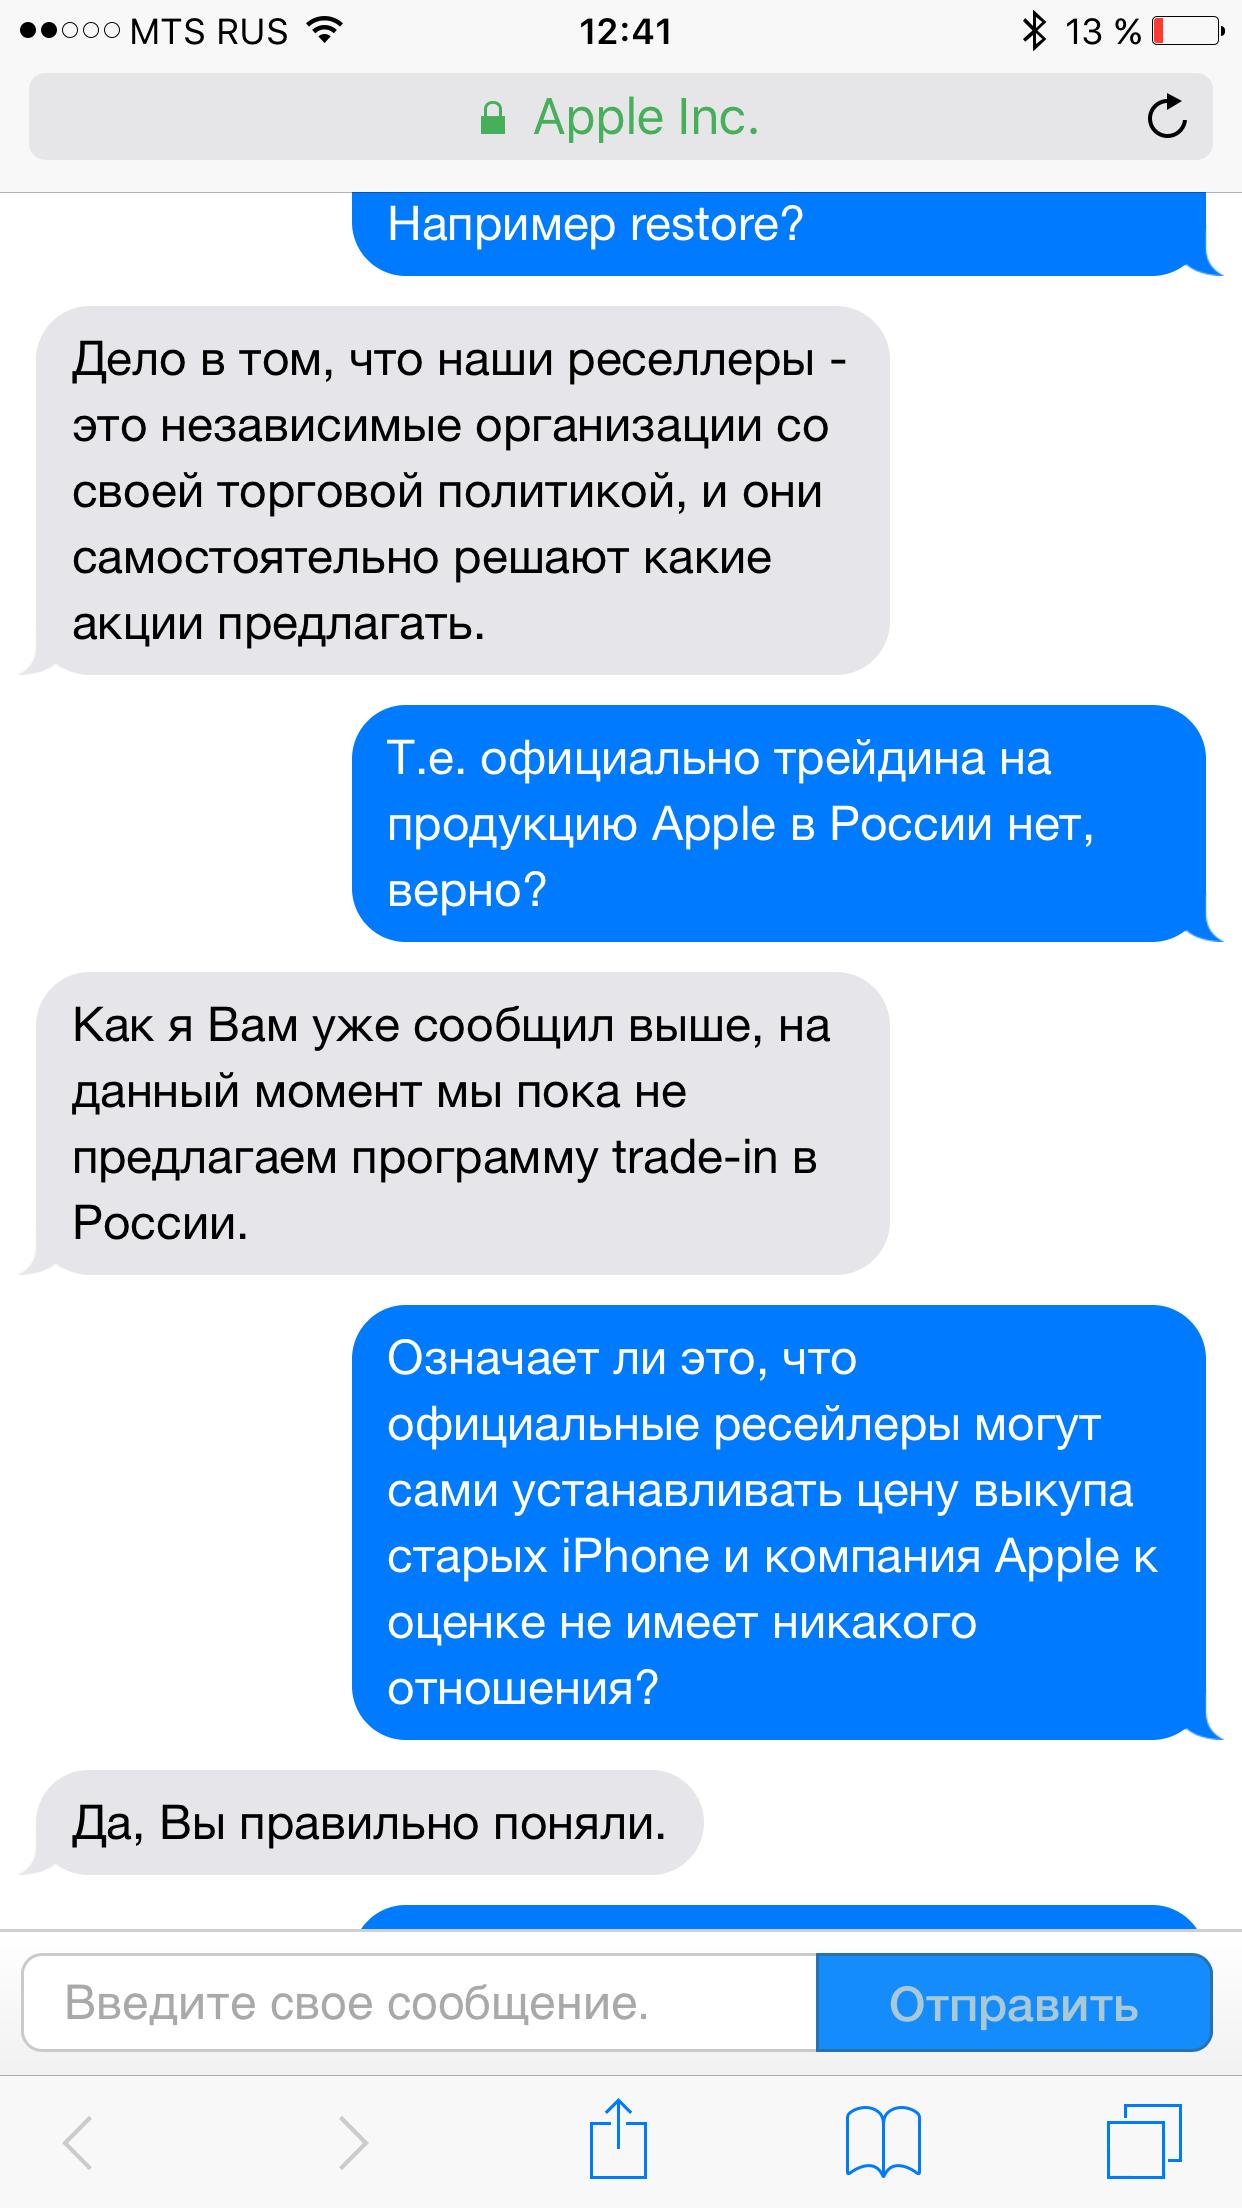 Apple опровергла официальный запуск программы trade-in в России